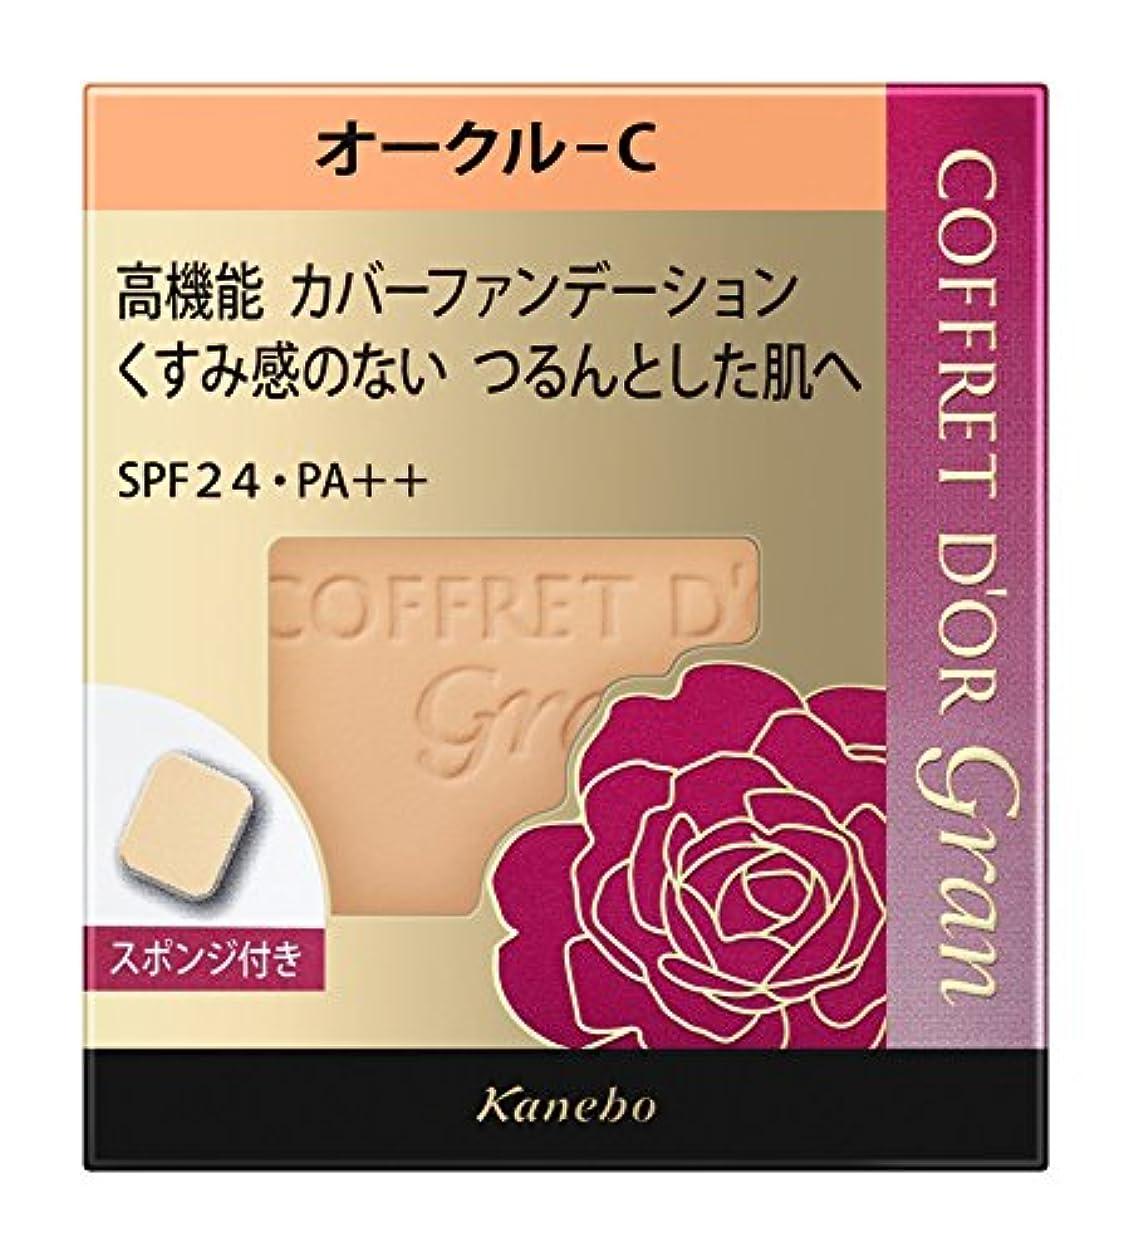 文法安心押し下げるコフレドール グラン ファンデーション カバーフィットパクトUV2 オークルC SPF24/PA++ 10.5g